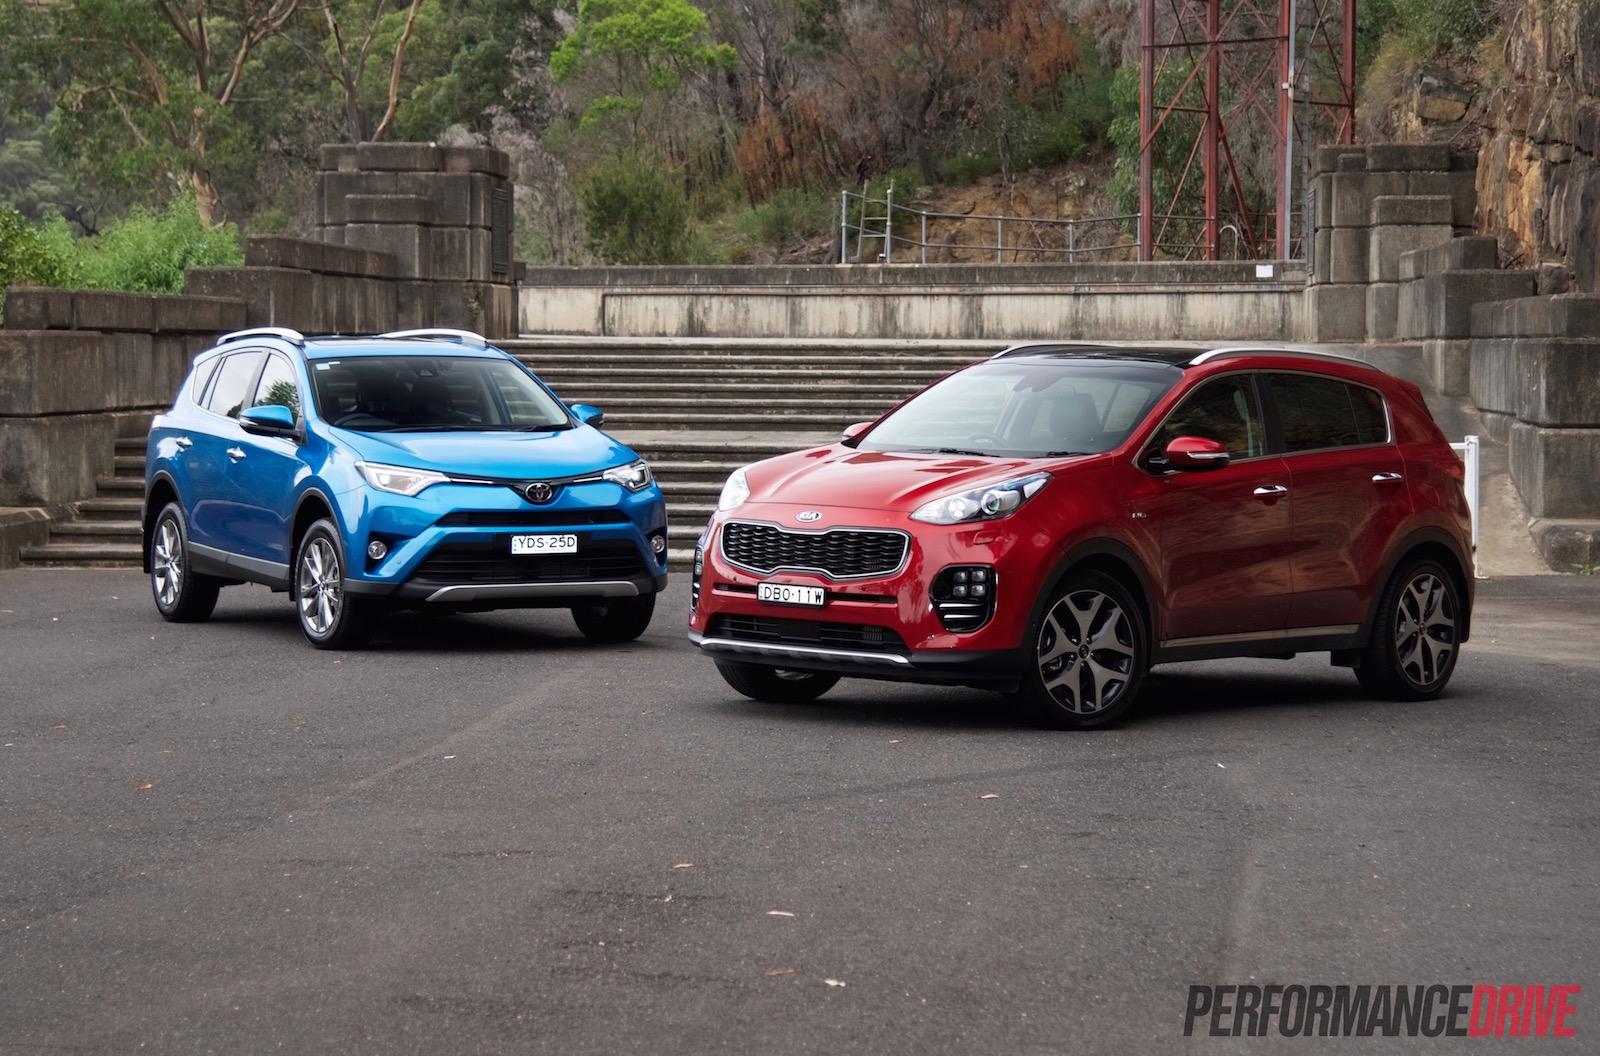 Range Rover Vs Land Rover >> Toyota RAV4 vs Kia Sportage: fleet car comparison ...